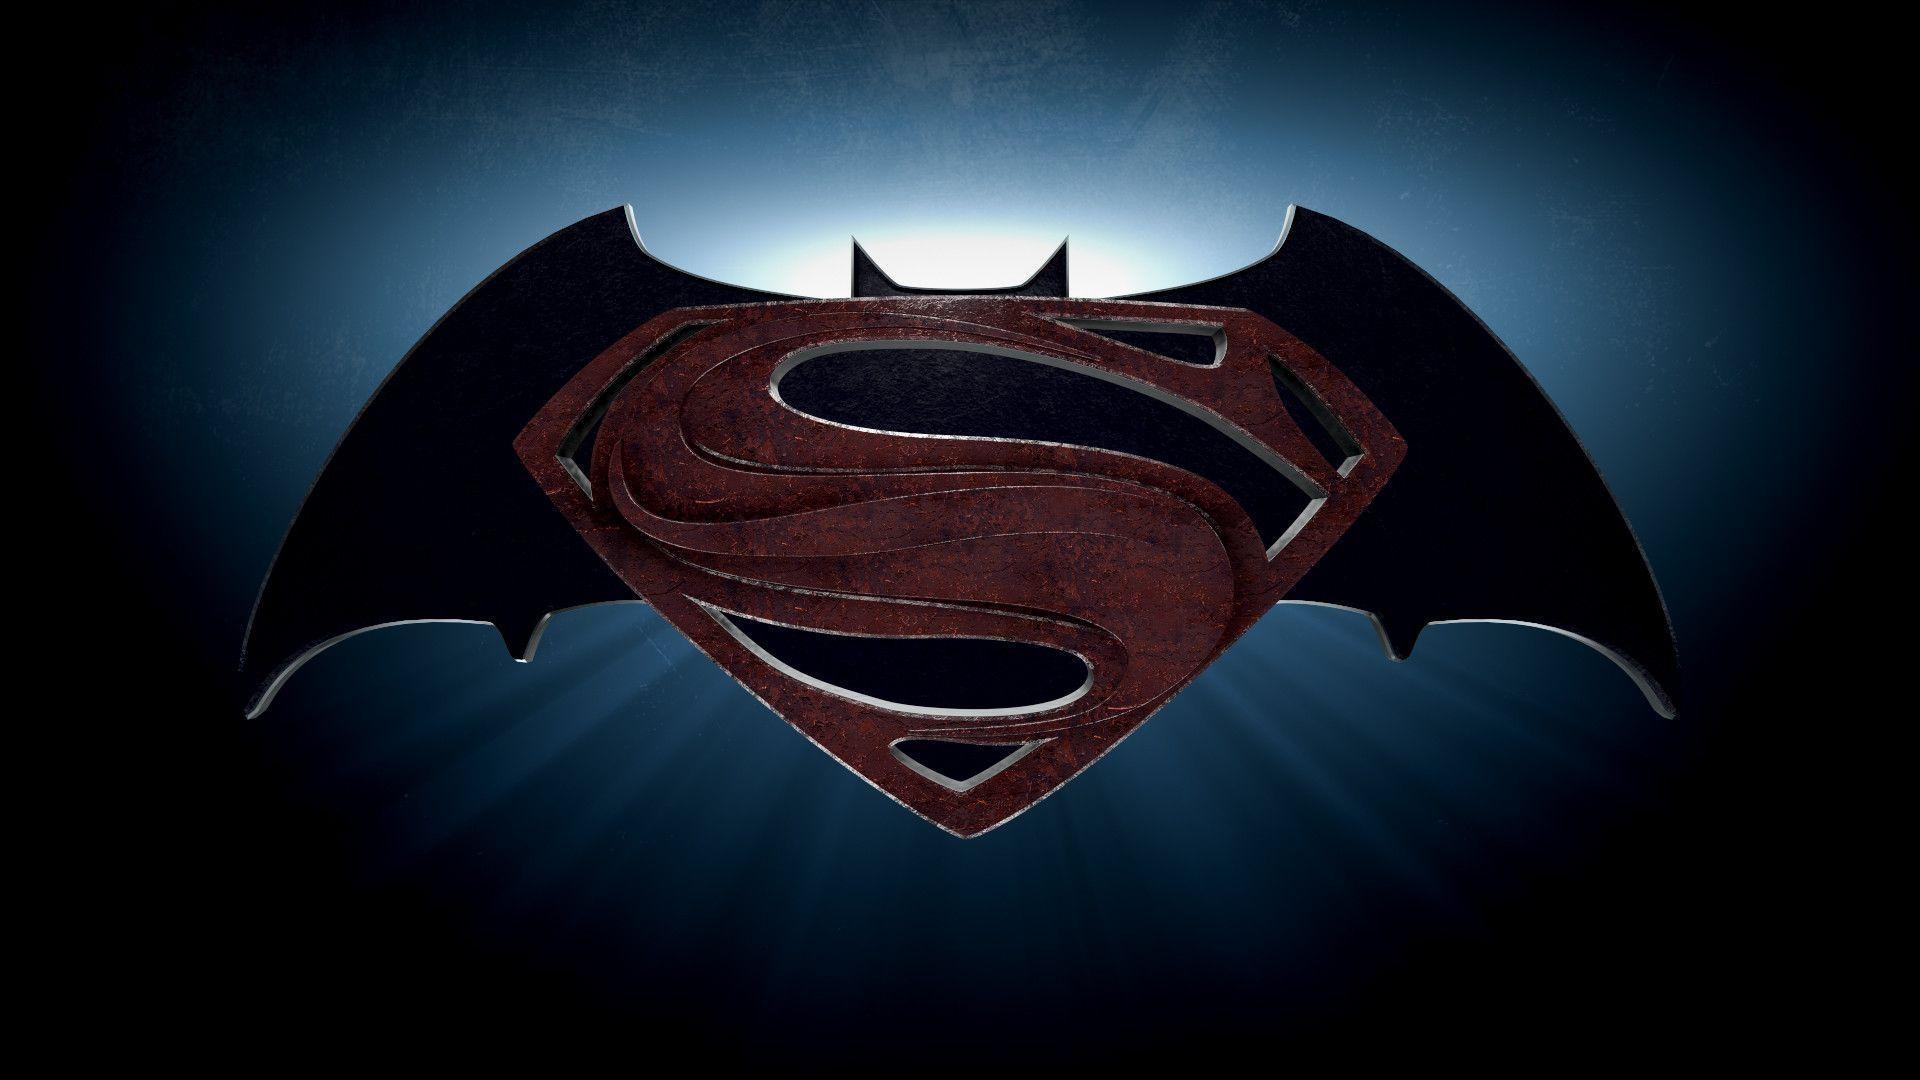 Batman Vs Superman Logo Wallpapers